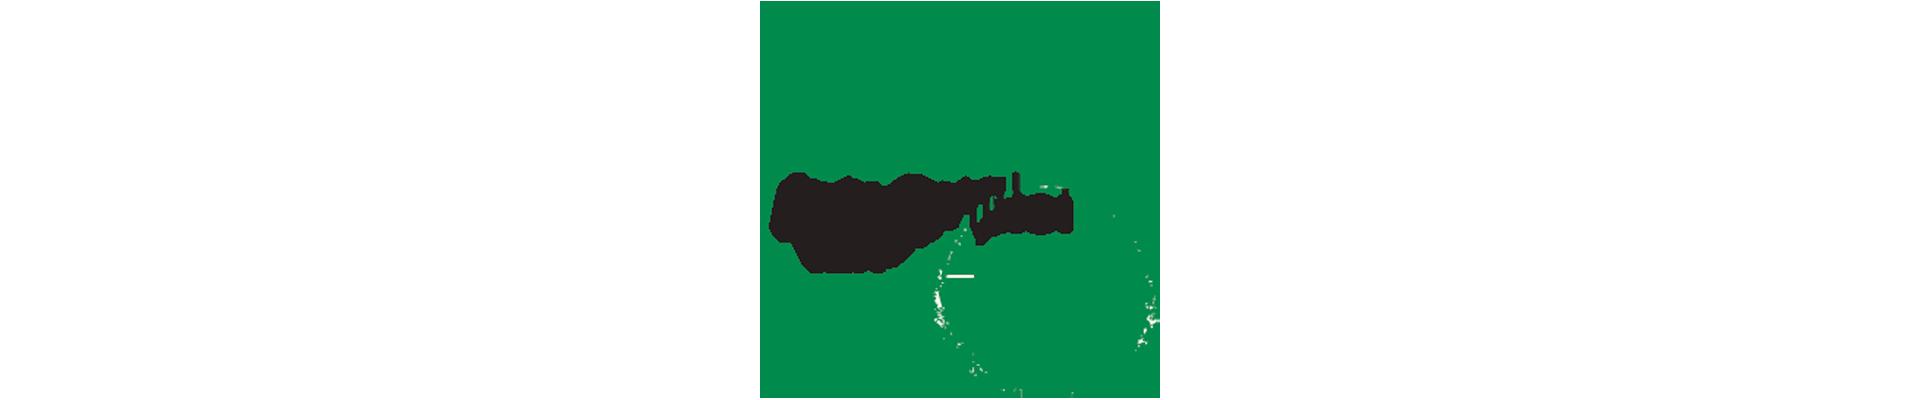 Cheplapharm 2017